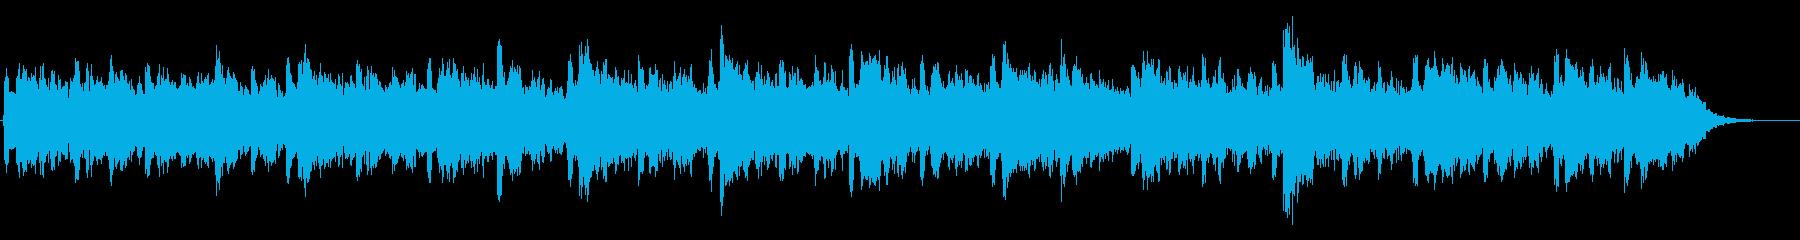 北欧の夜明けをイメージしたアンビエントの再生済みの波形